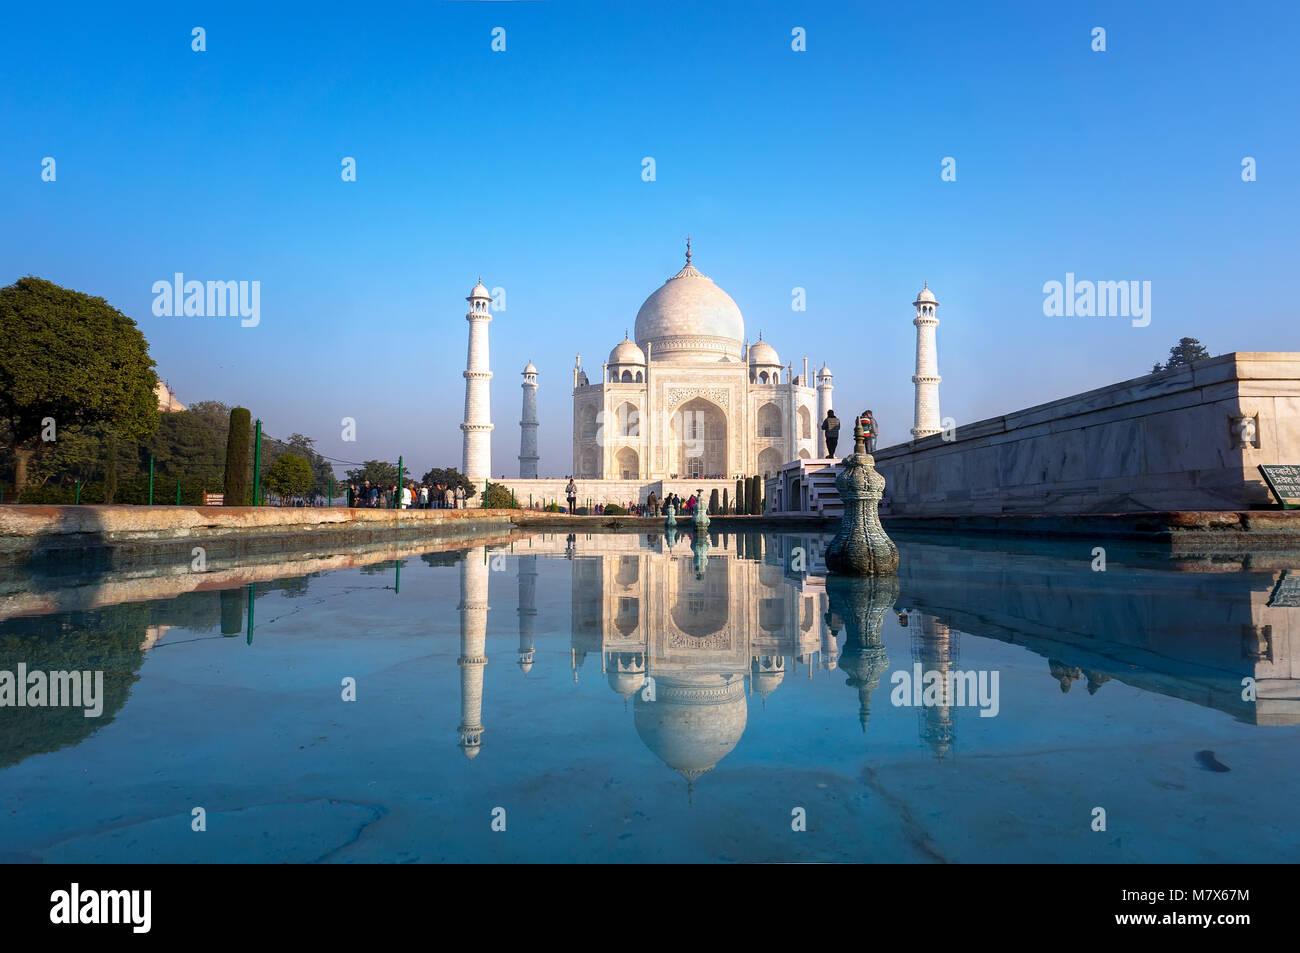 Idian Stock Photos & Idian Stock Images - Alamy